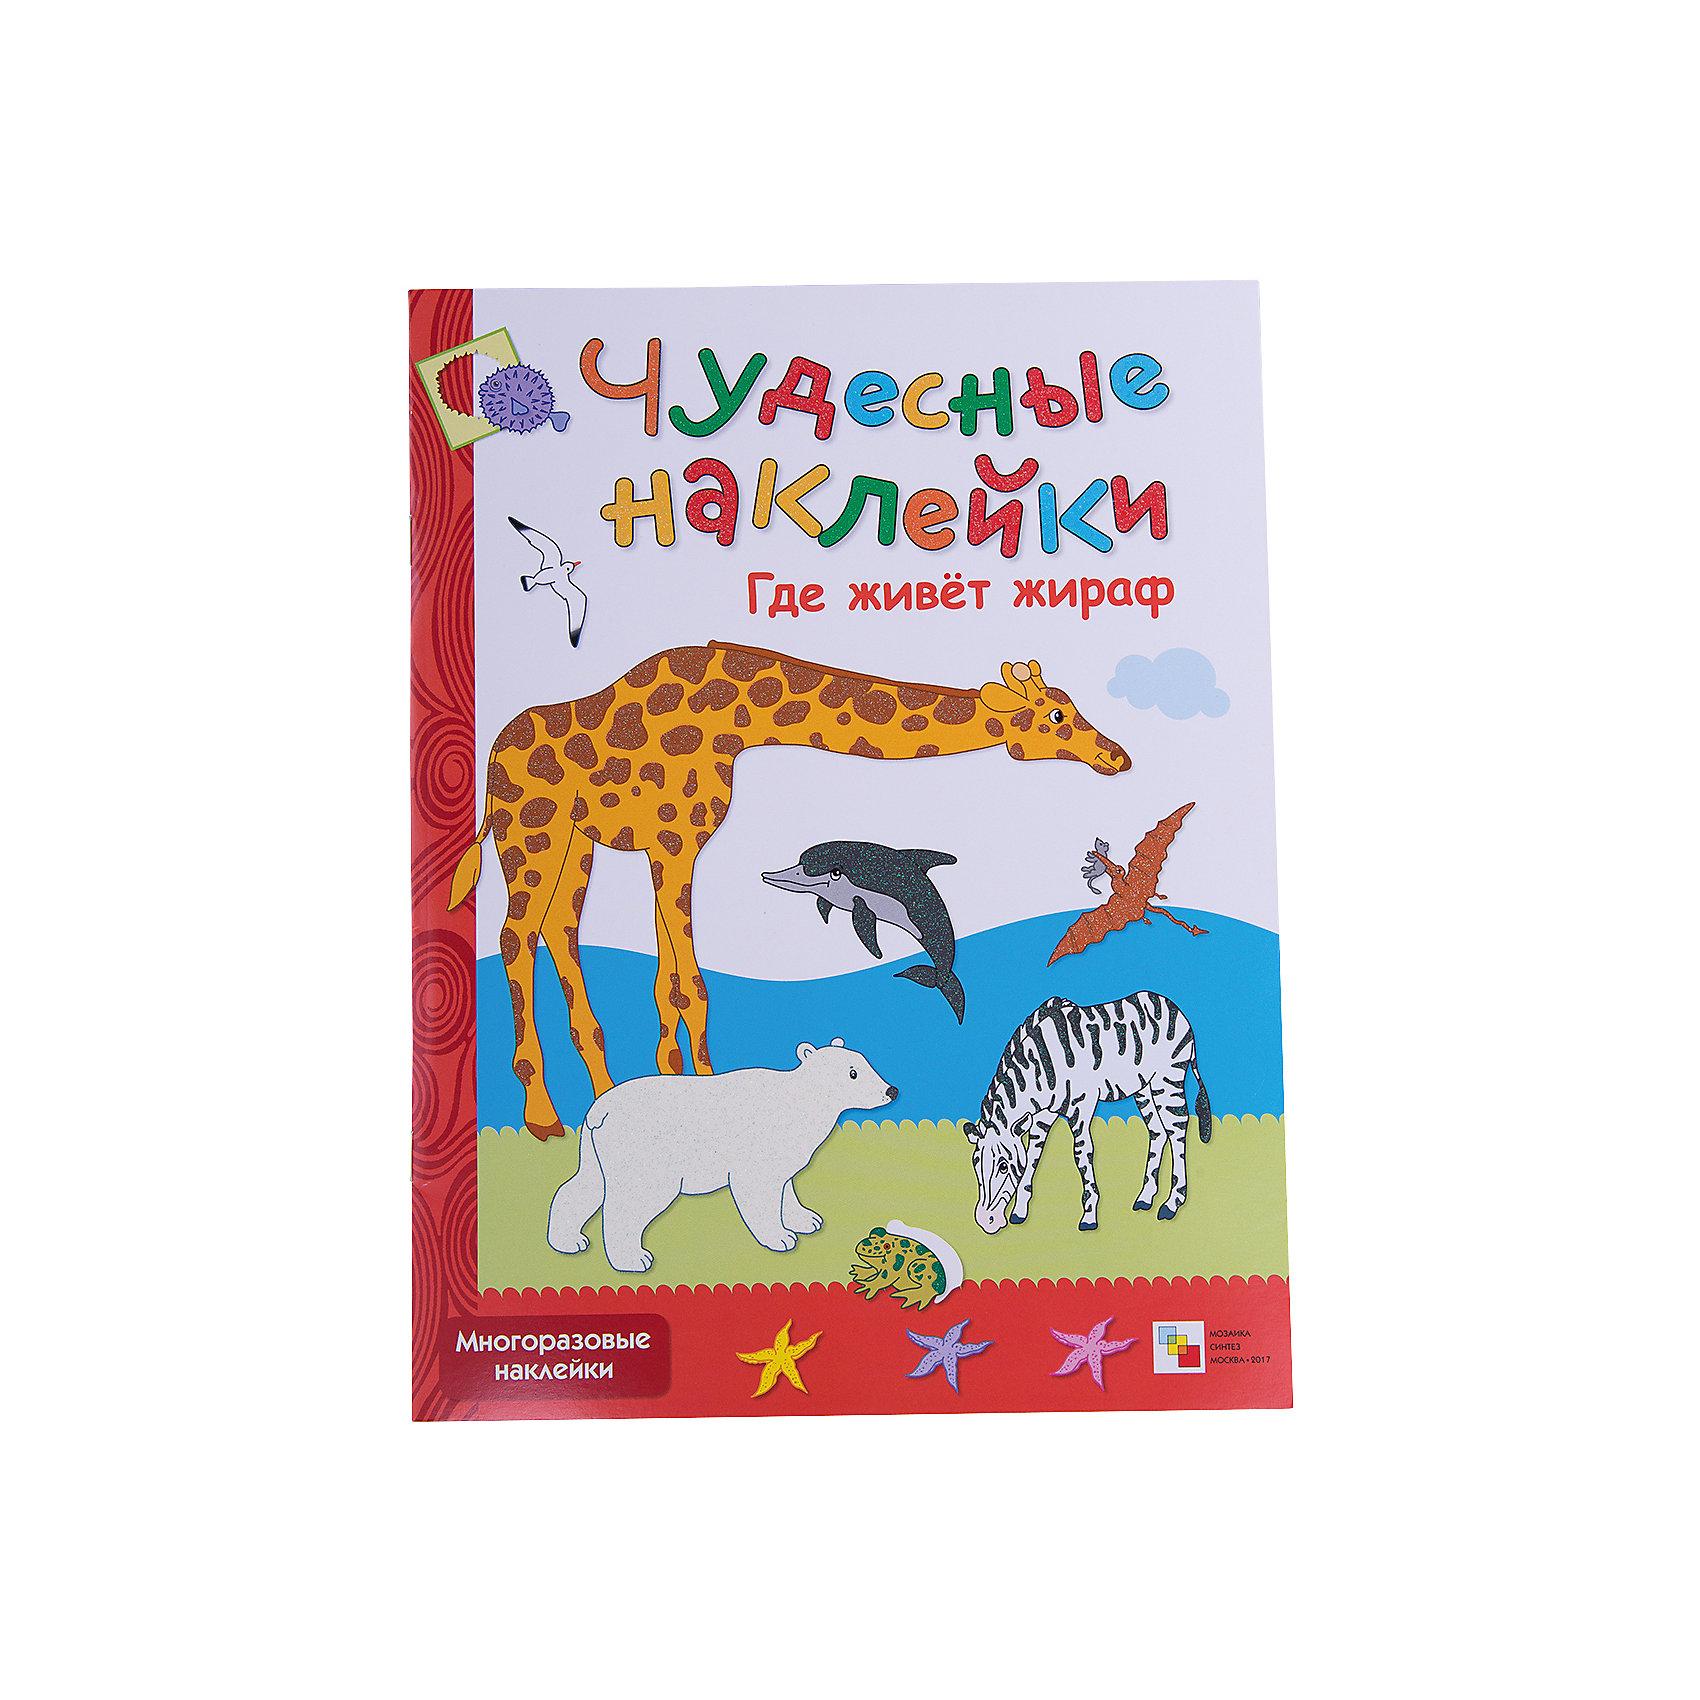 Развивающая книга Чудесные наклейки. Где живет жирафКнижки с наклейками<br>Развивающая книга Чудесные наклейки. Где живет жираф – поможет малышу понять взаимосвязь между обликом животного и его средой обитания.<br>Вашему малышу предлагается навести порядок в книжке, ему надо помочь героям найти подходящую среду обитания. Ребенок с удовольствием будет украшать книжку наклейками, ведь это так интересно – помочь зверюшкам найти свой дом. В книге есть развороты со следующими темами: исчезнувший мир (сюда надо собрать всех динозавров); жаркие страны; морские просторы; обитатели водоемов; среди вечных льдов, и вкладка с наклейками представителей фауны. Наклейки в книге многоразовые, так что ребенок может, смело экспериментировать, не боясь ошибиться. Также вы найдете рекомендации для родителей, как объяснить малышу задания и привлечь его интерес к жизни различных животных. На страничках есть занимательная и полезная информация, рассказывается, какие животные и рыбы, где живут. Украшать книгу наклейками занятие не только интересное, но и полезное. Оно способствует развитию воображения, мелкой моторики пальцев рук, координации движений, позволяет детям лучше узнавать окружающий мир, положительно влияет на речевое и интеллектуальное развитие, учит находить и принимать решения.<br><br>Дополнительная информация:<br><br>- Возраст: 3-5 лет<br>- Автор: Колдина Дарья Николаевна<br>- Художник А. Василевская<br>- Издательство: Мозаика-Синтез, 2013 г.<br>- Серия: Чудесные наклейки<br>- Жанр: Развитие общих способностей<br>- Тип обложки: мягкий переплет (крепление скрепкой или клеем)<br>- Оформление: с наклейками, глитер (блестки)<br>- Иллюстрации: цветные<br>- Количество страниц: 14 (мелованная)<br>- Размер: 281x215x2 мм.<br>- Вес: 90 гр.<br><br>Развивающую книгу Чудесные наклейки. Где живет жираф можно купить в нашем интернет-магазине.<br><br>Ширина мм: 281<br>Глубина мм: 215<br>Высота мм: 20<br>Вес г: 110<br>Возраст от месяцев: 36<br>Возраст до месяцев: 72<br>Пол: Унисекс<br>Возрас